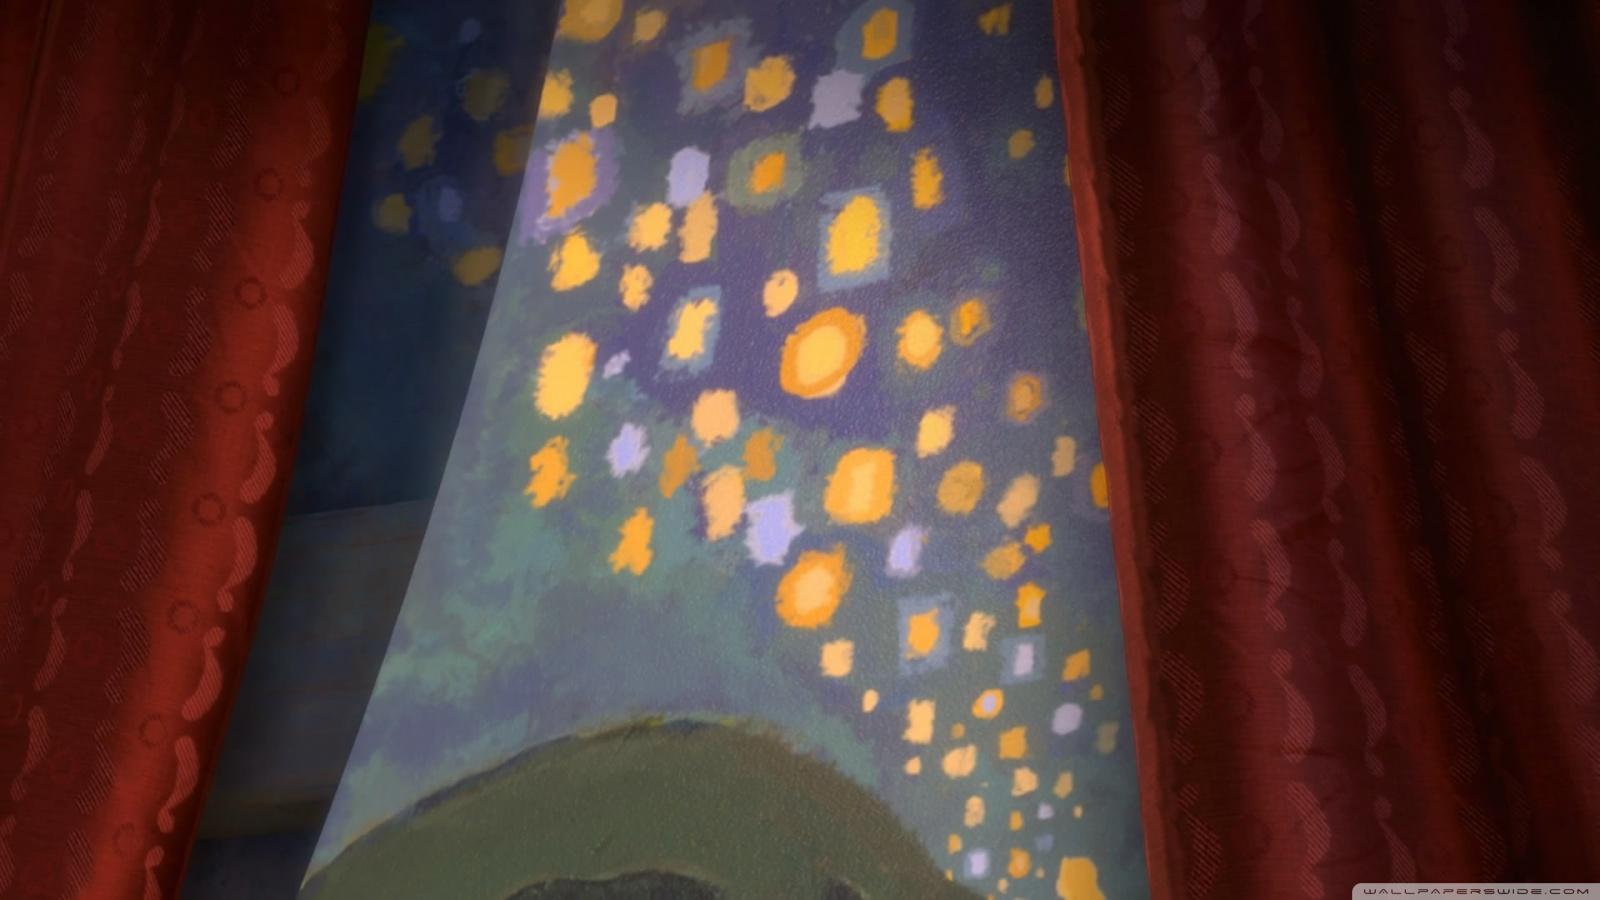 Tangled Rapunzel Paintings 4K HD Desktop Wallpaper for 4K